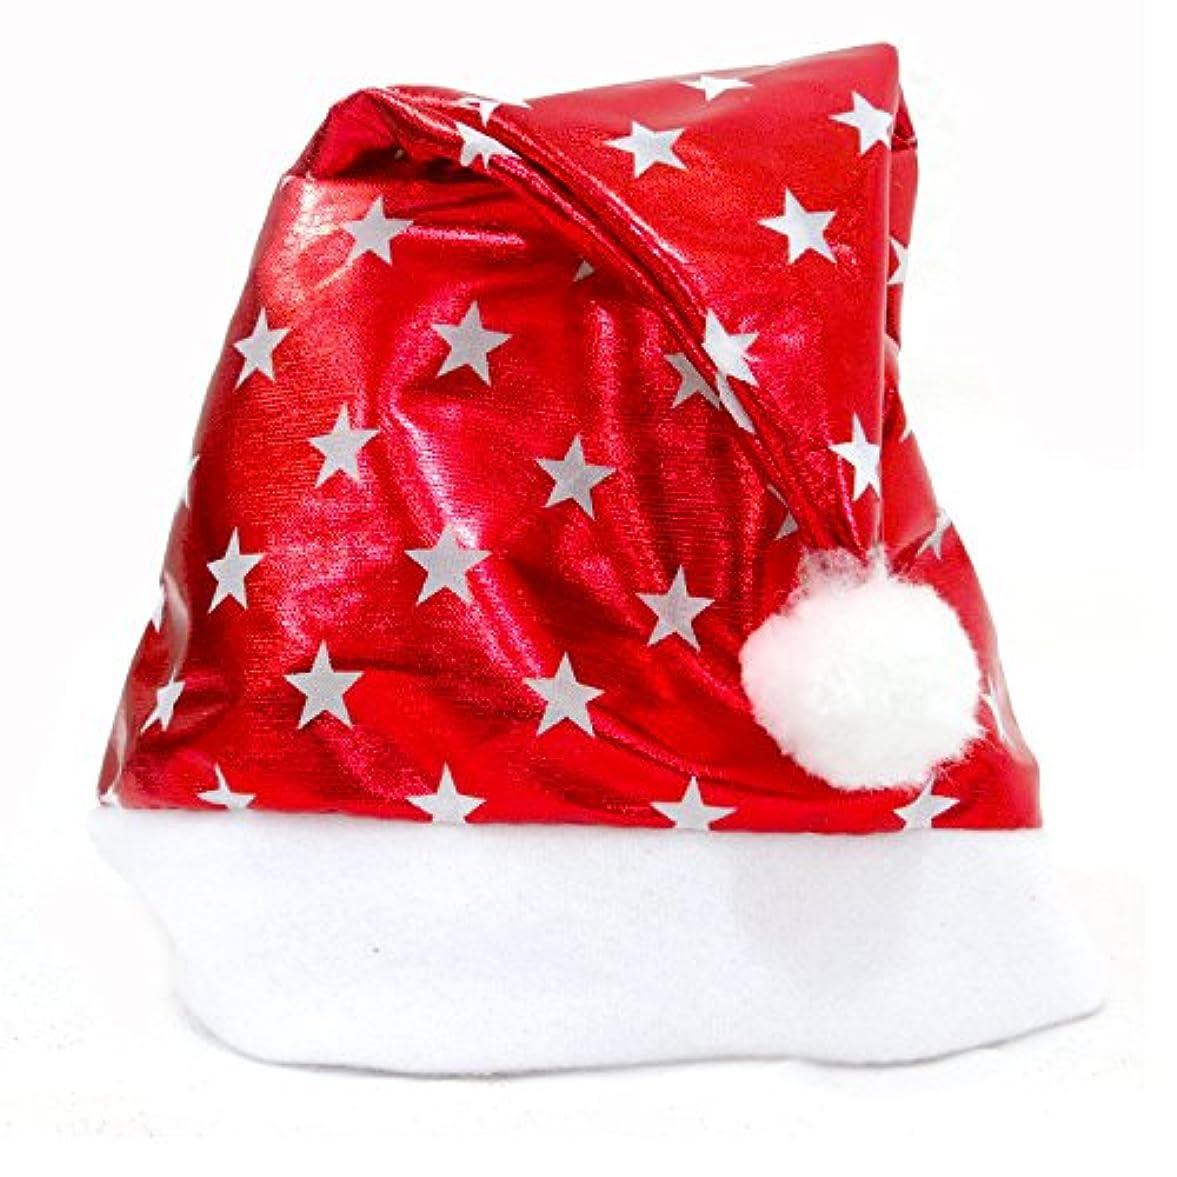 なめらか大破並外れてRacazing クリスマスハット レッド Hat ライト ドームキャップ 防寒対策 通気性のある 防風 ニット帽 暖かい 軽量 屋外 スキー 自転車 クリスマス 男女兼用 Christmas Cap